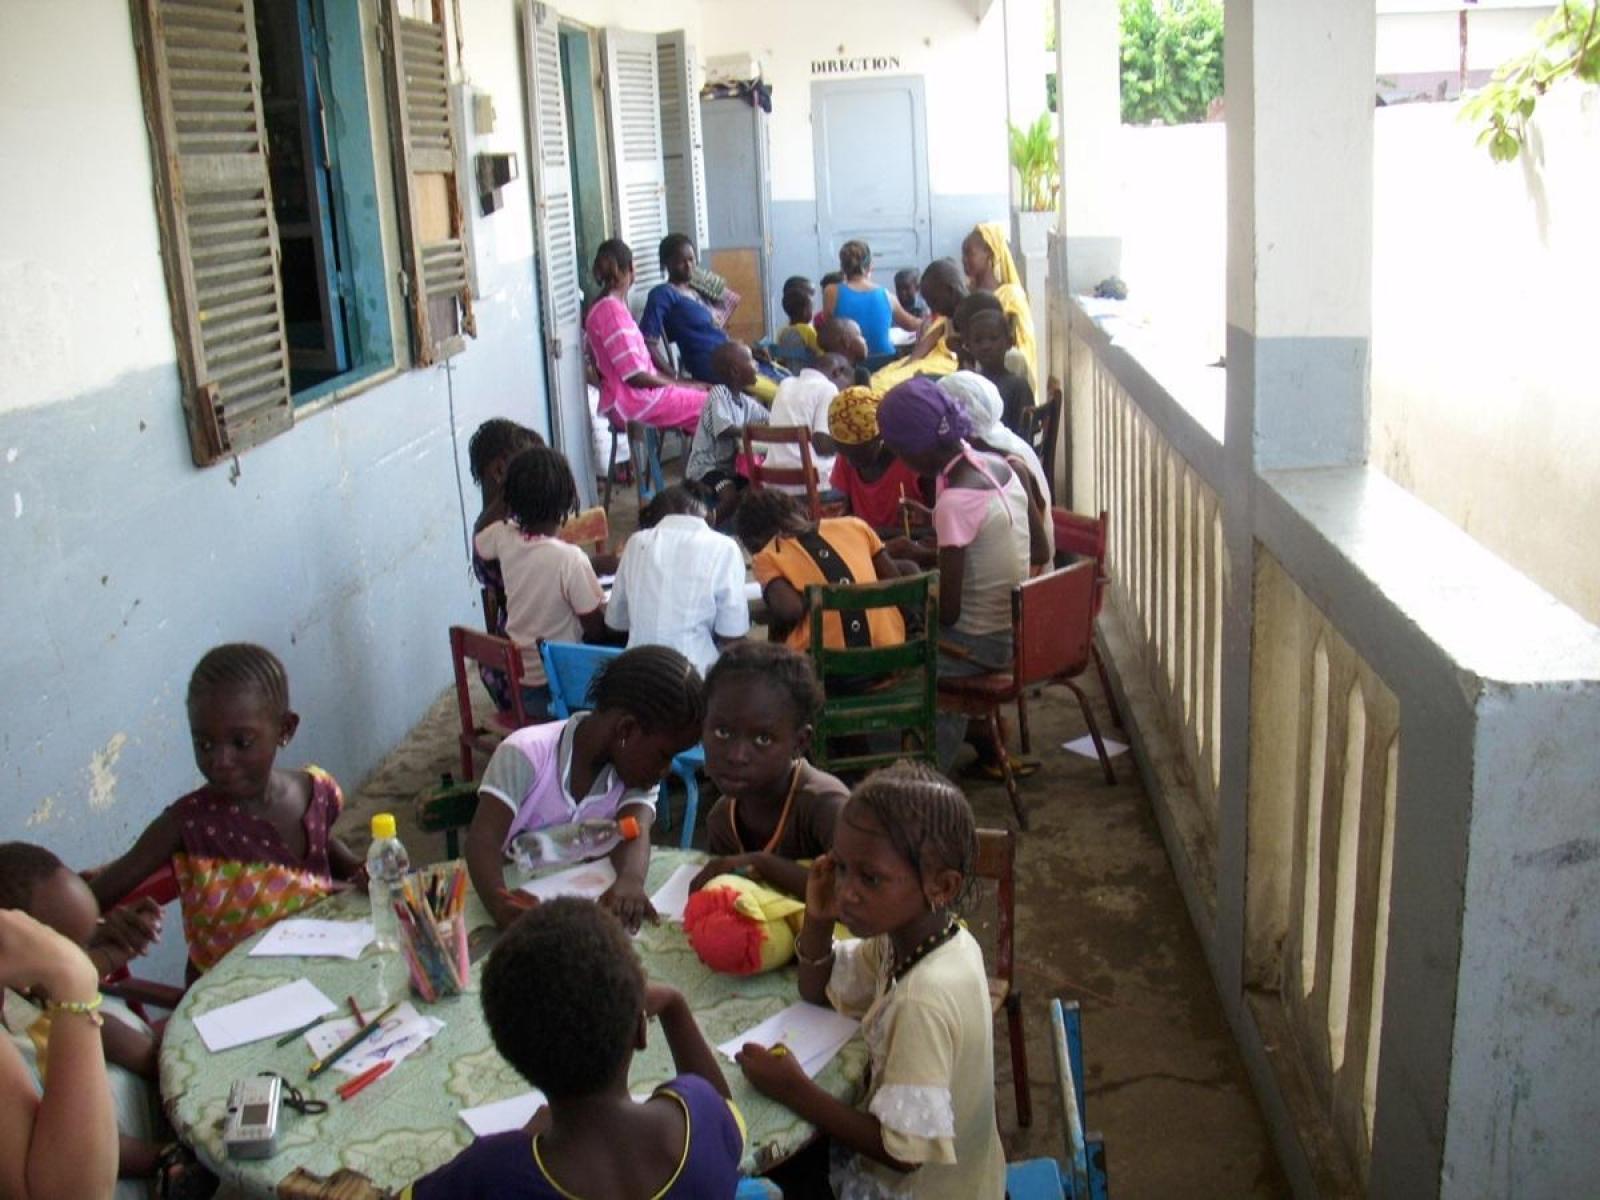 Mission humanitaire, Sénégal par Youen C